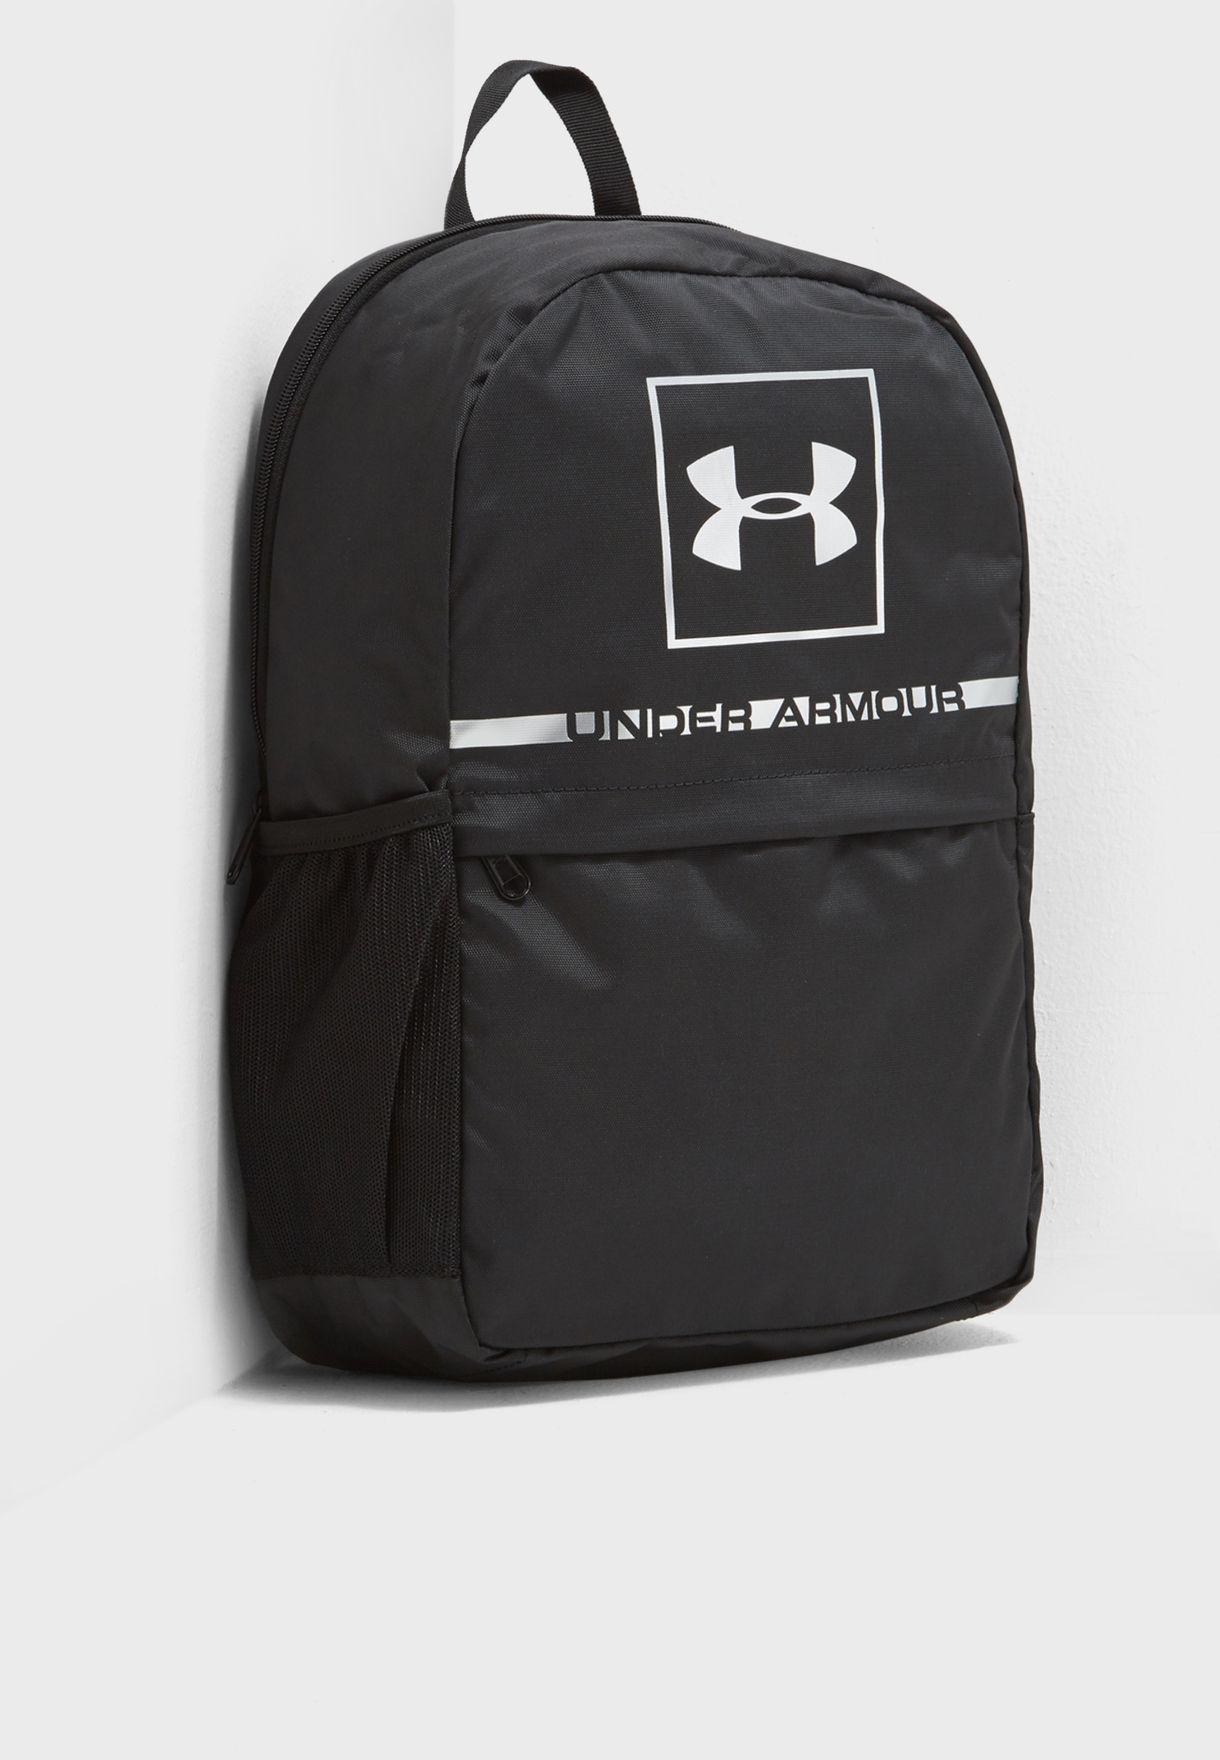 98af2dd019 Project 5 Backpack